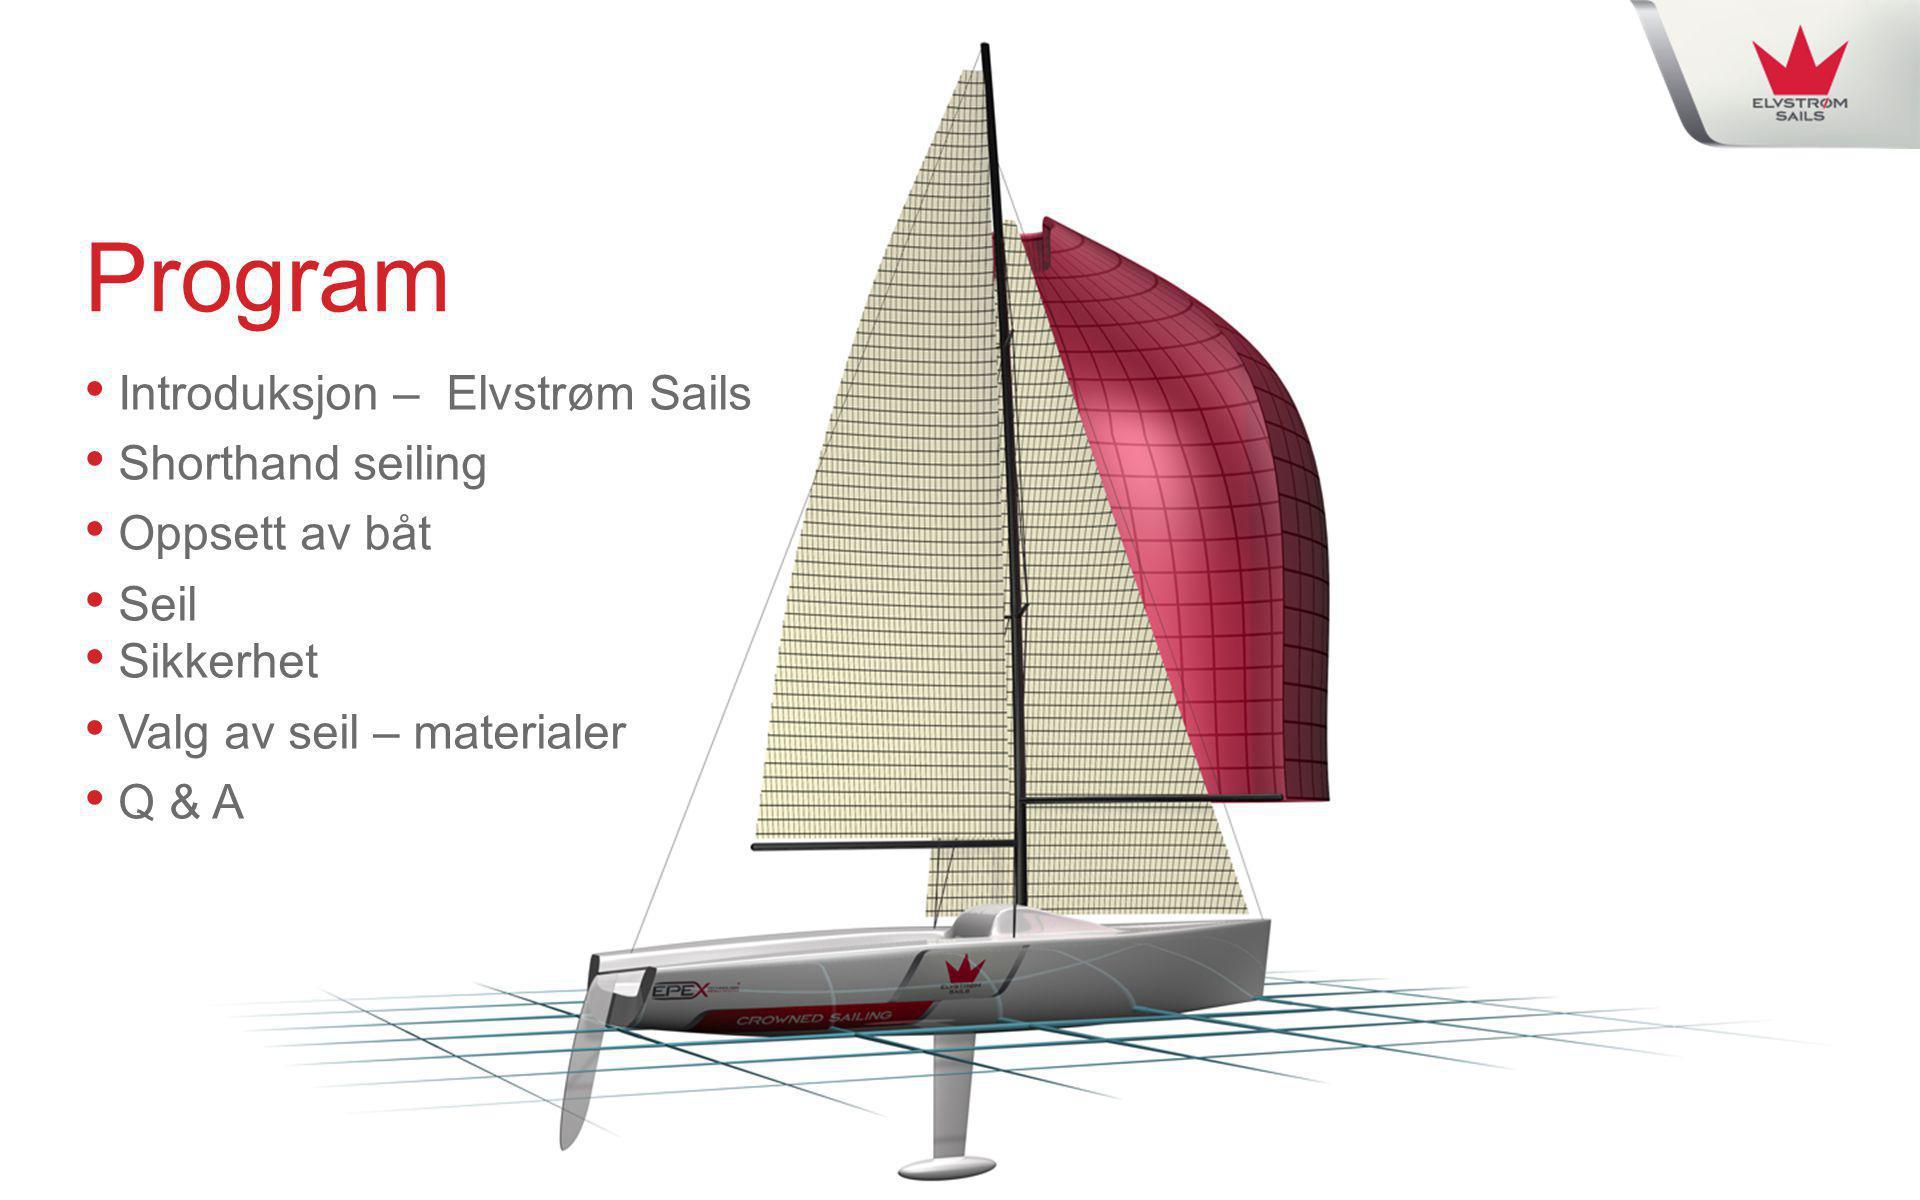 Program • Introduksjon – Elvstrøm Sails • Shorthand seiling • Oppsett av båt • Seil ikkerhet • Valg av seil – materialer • Q & A